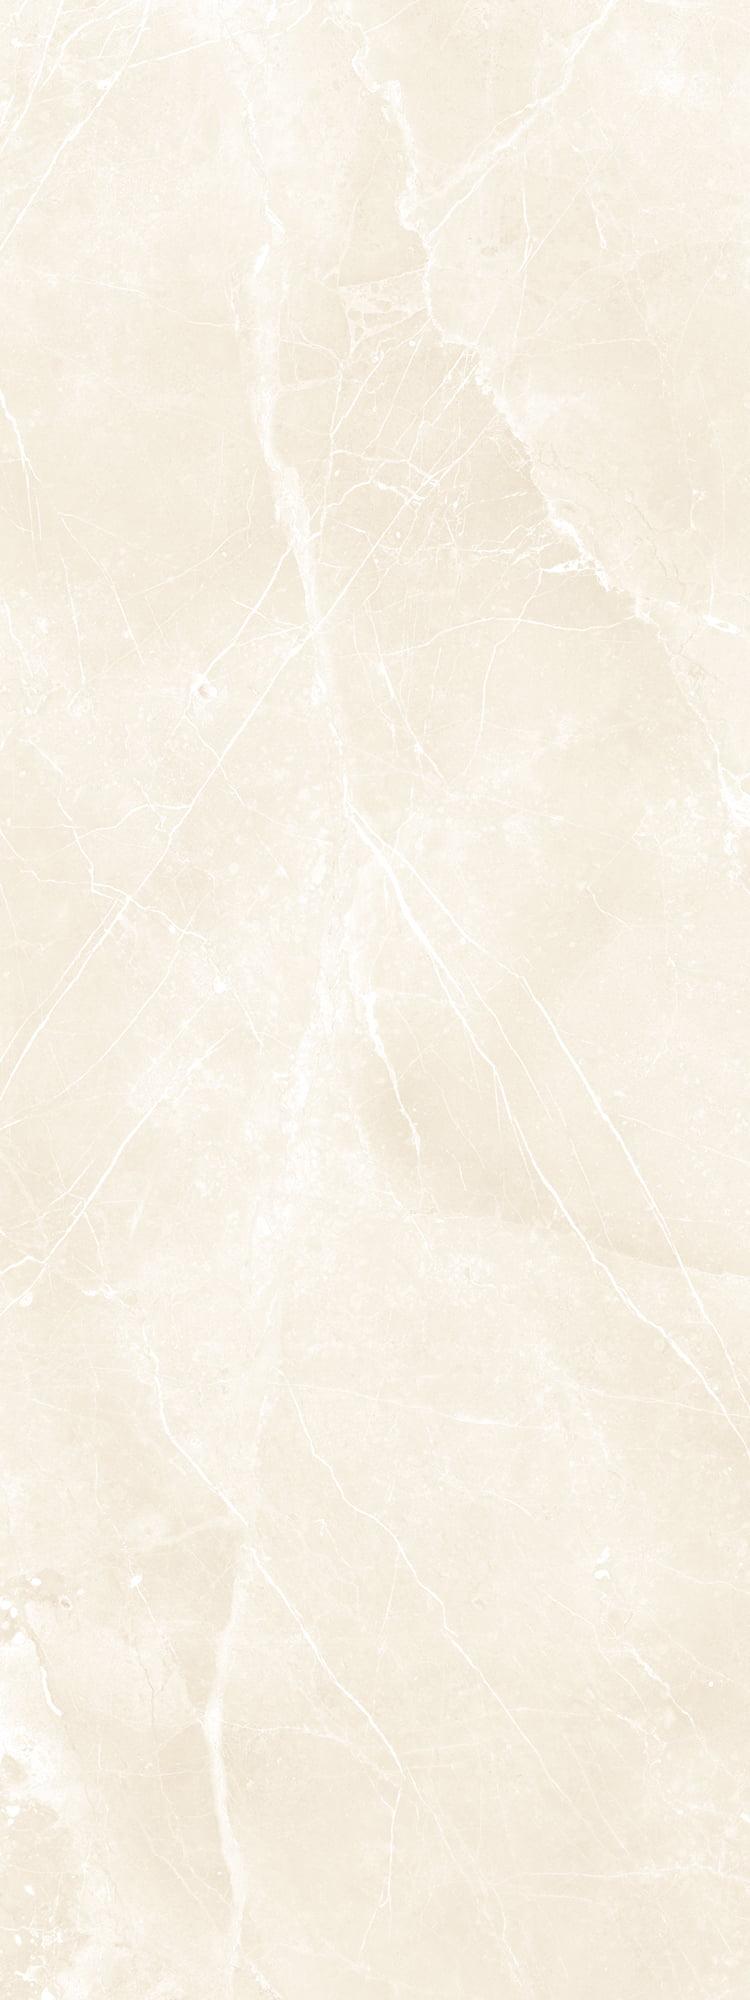 Marble Cream